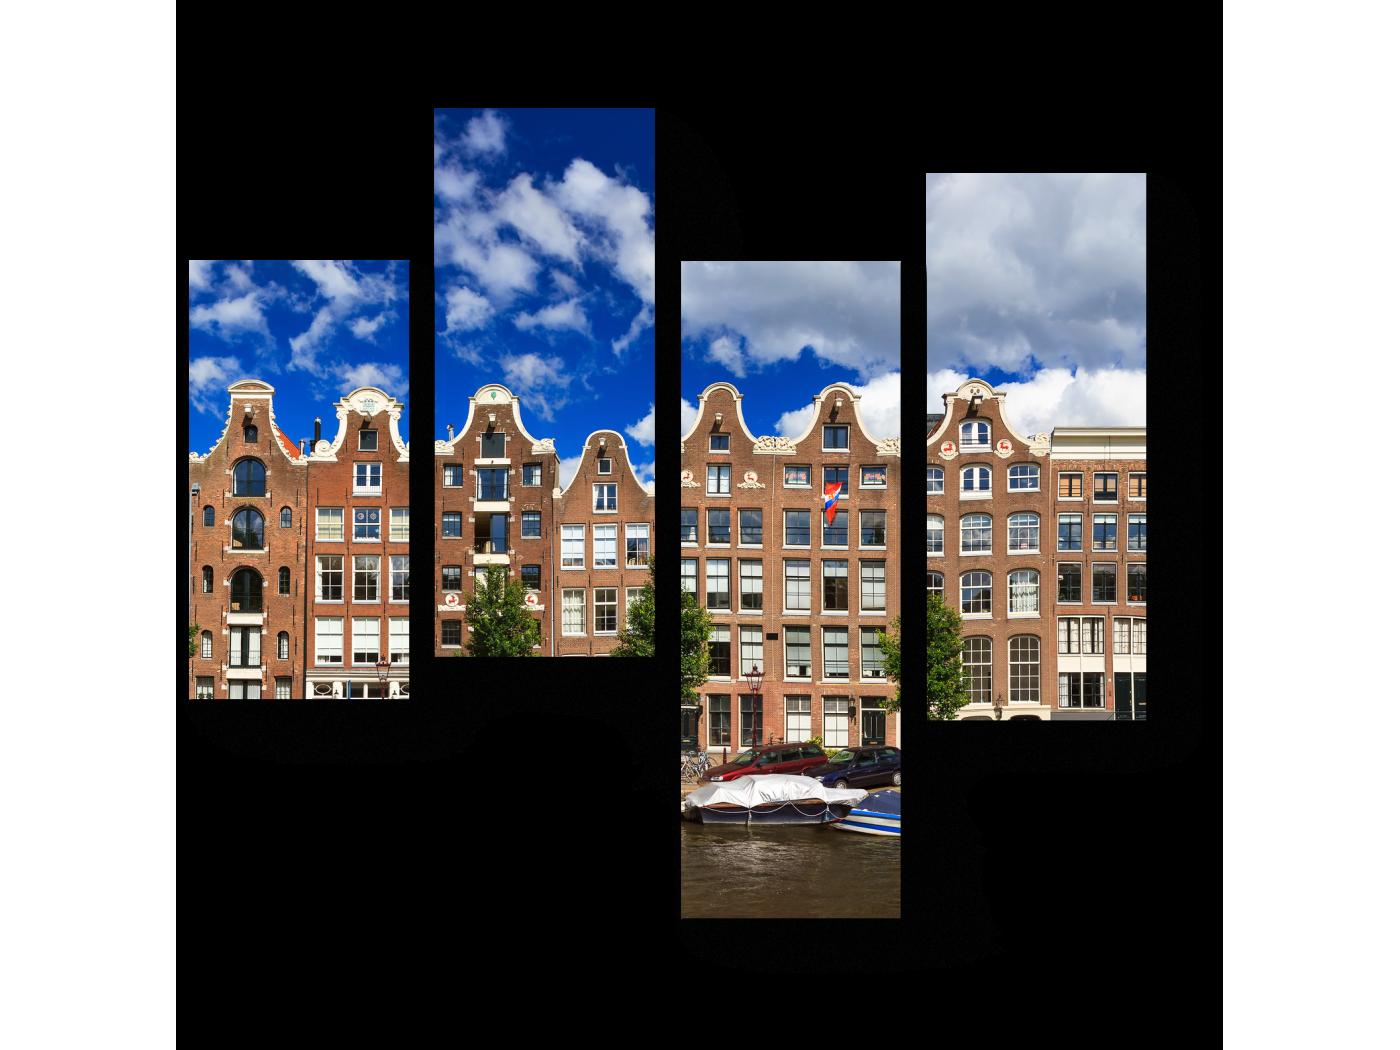 Модульная картина Отличный день для прогулки по каналам Амстердама (64x60) фото